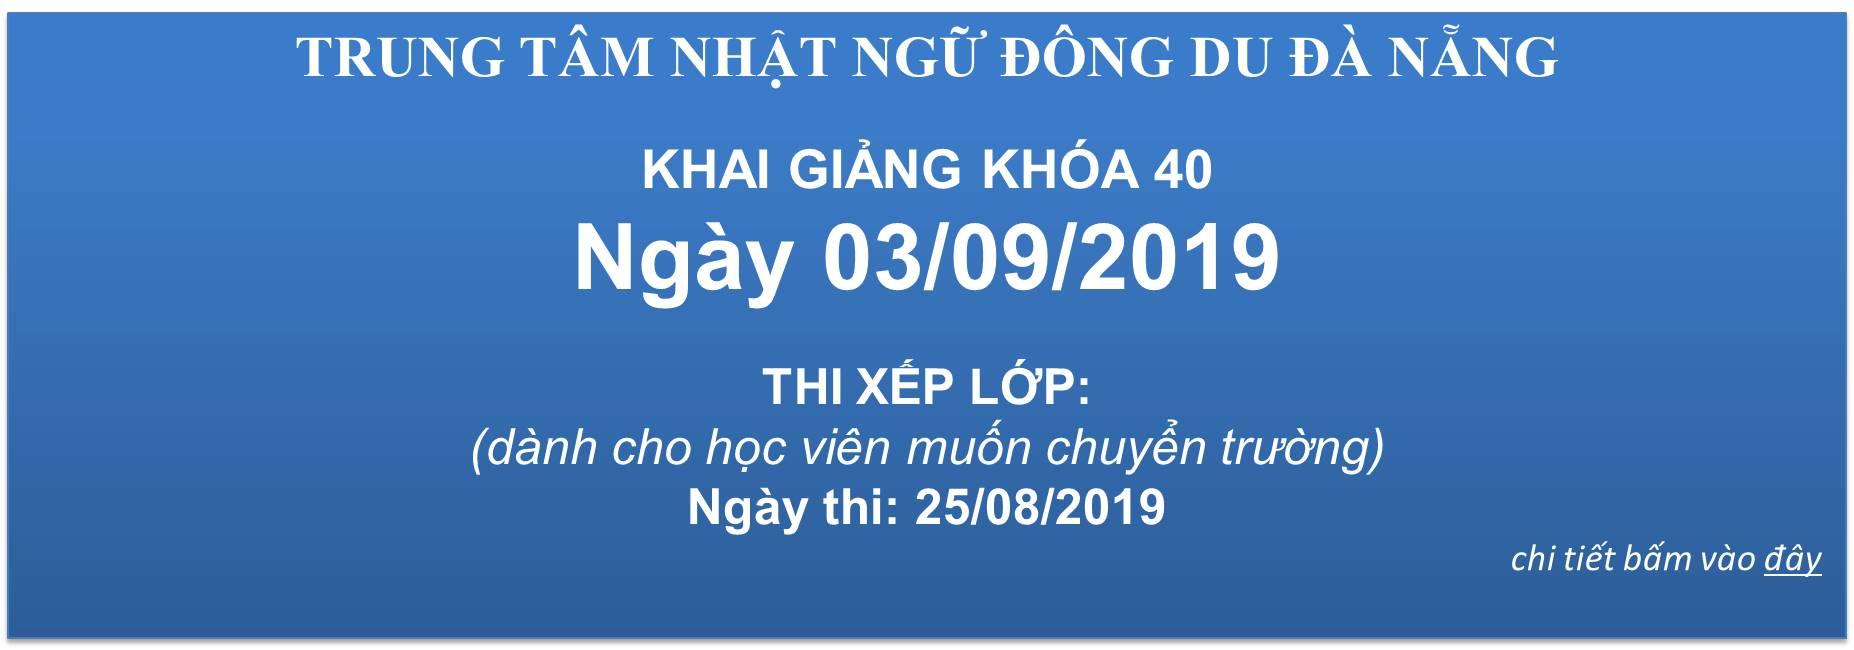 KHAI GIẢNG KHÓA 40 - NGÀY 03/09/2019